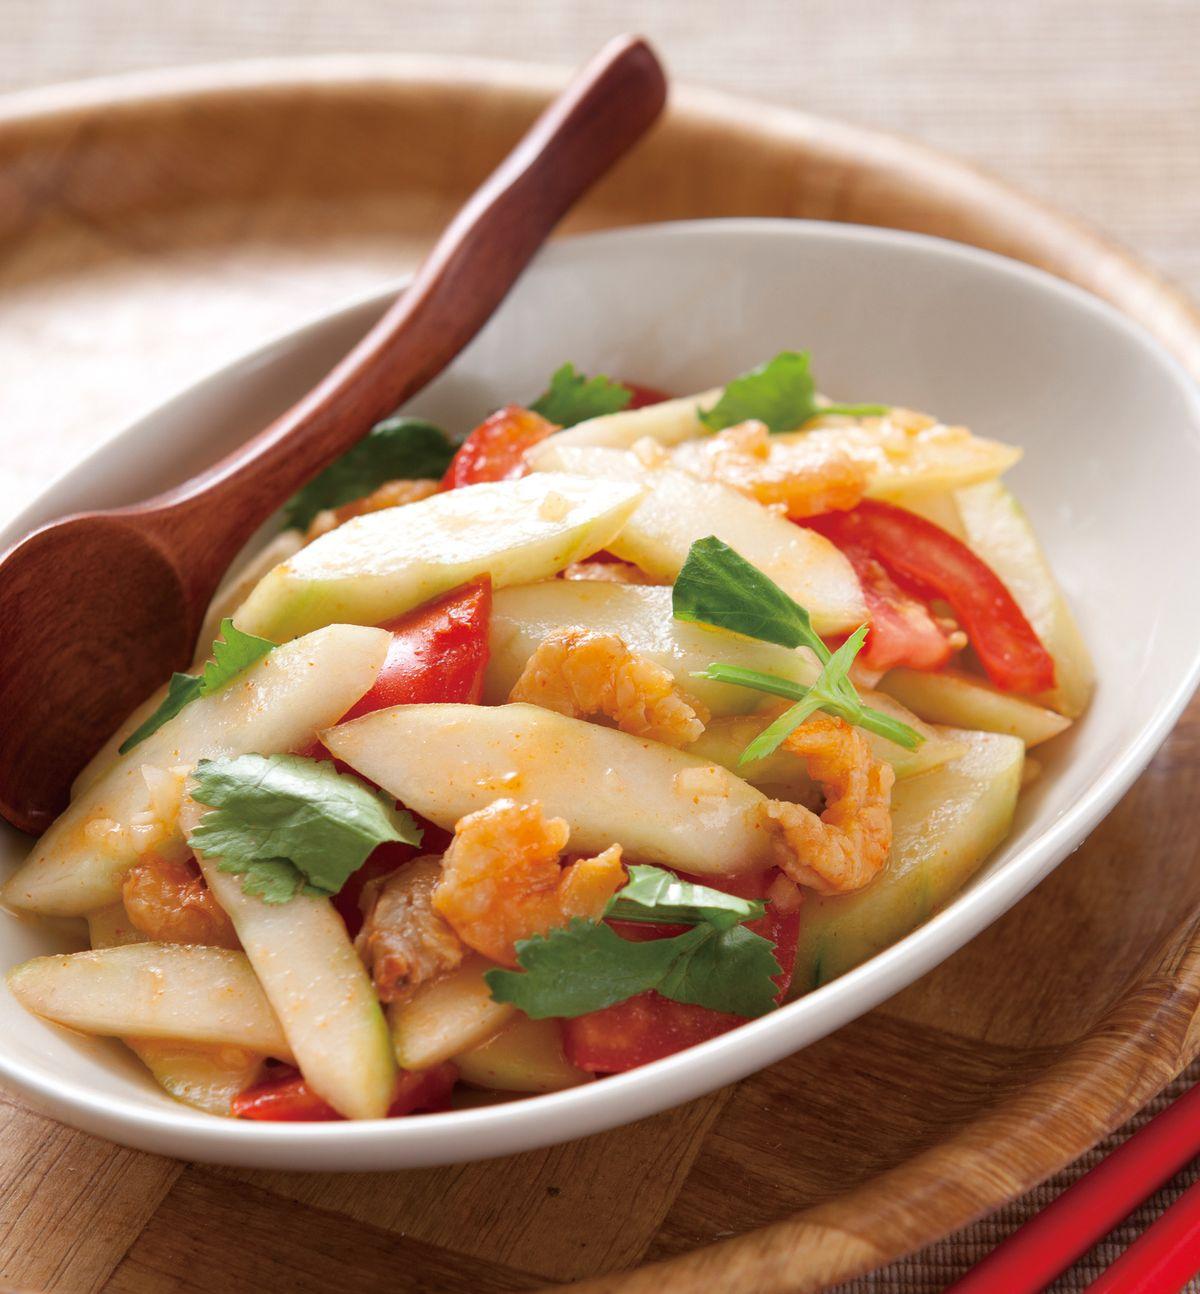 食譜:辣醬拌大黃瓜